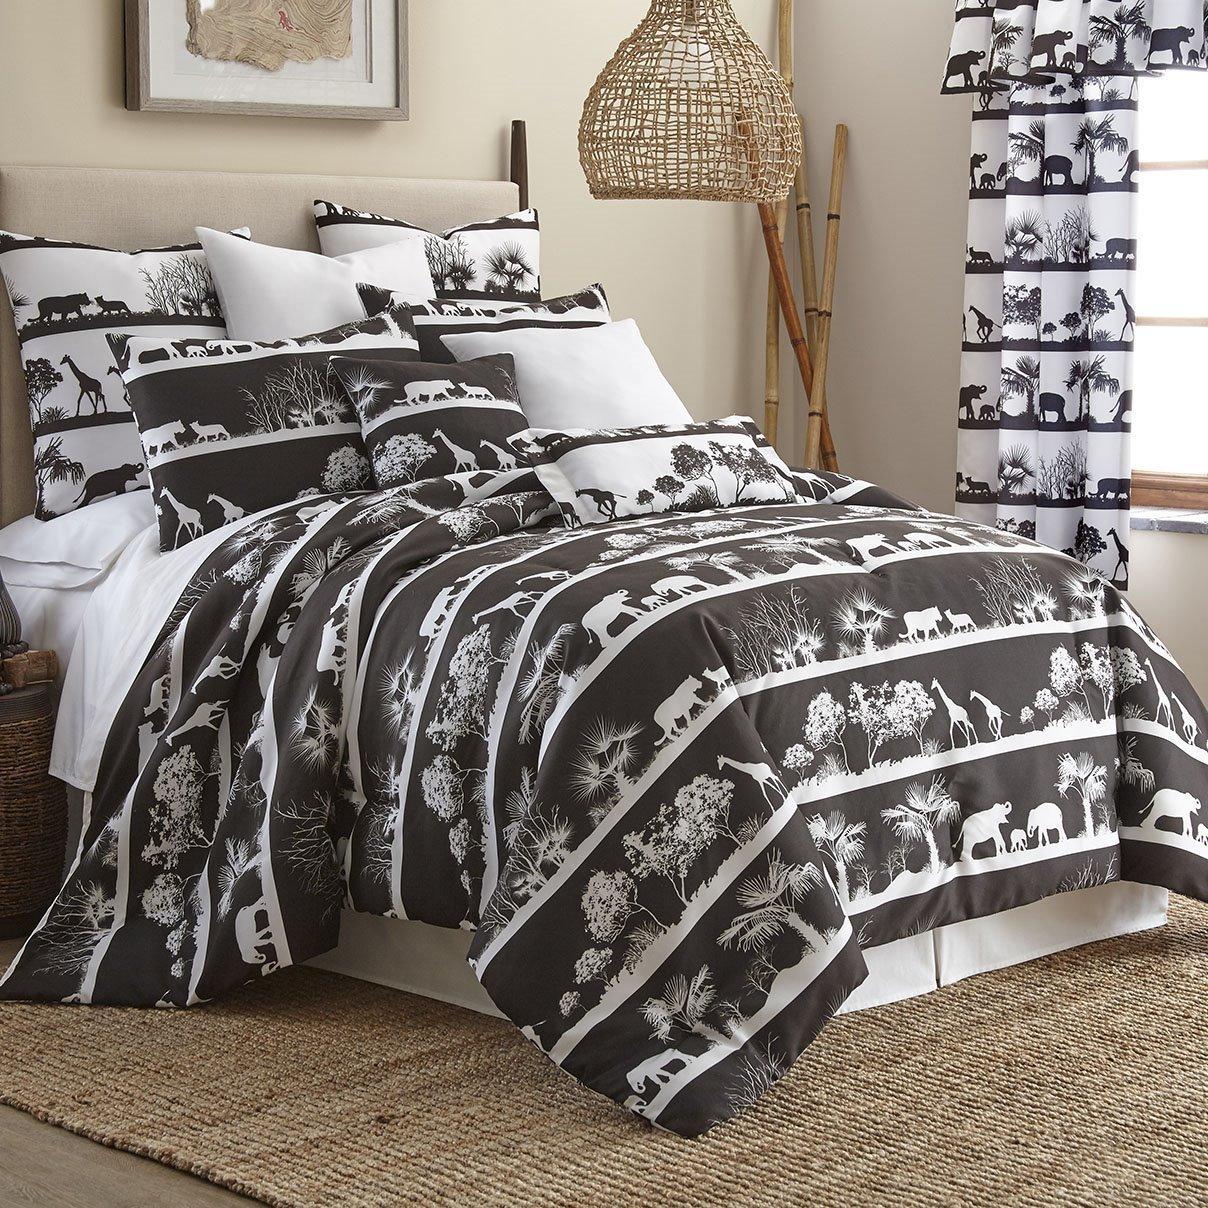 African Safari Comforter Set Queen Size